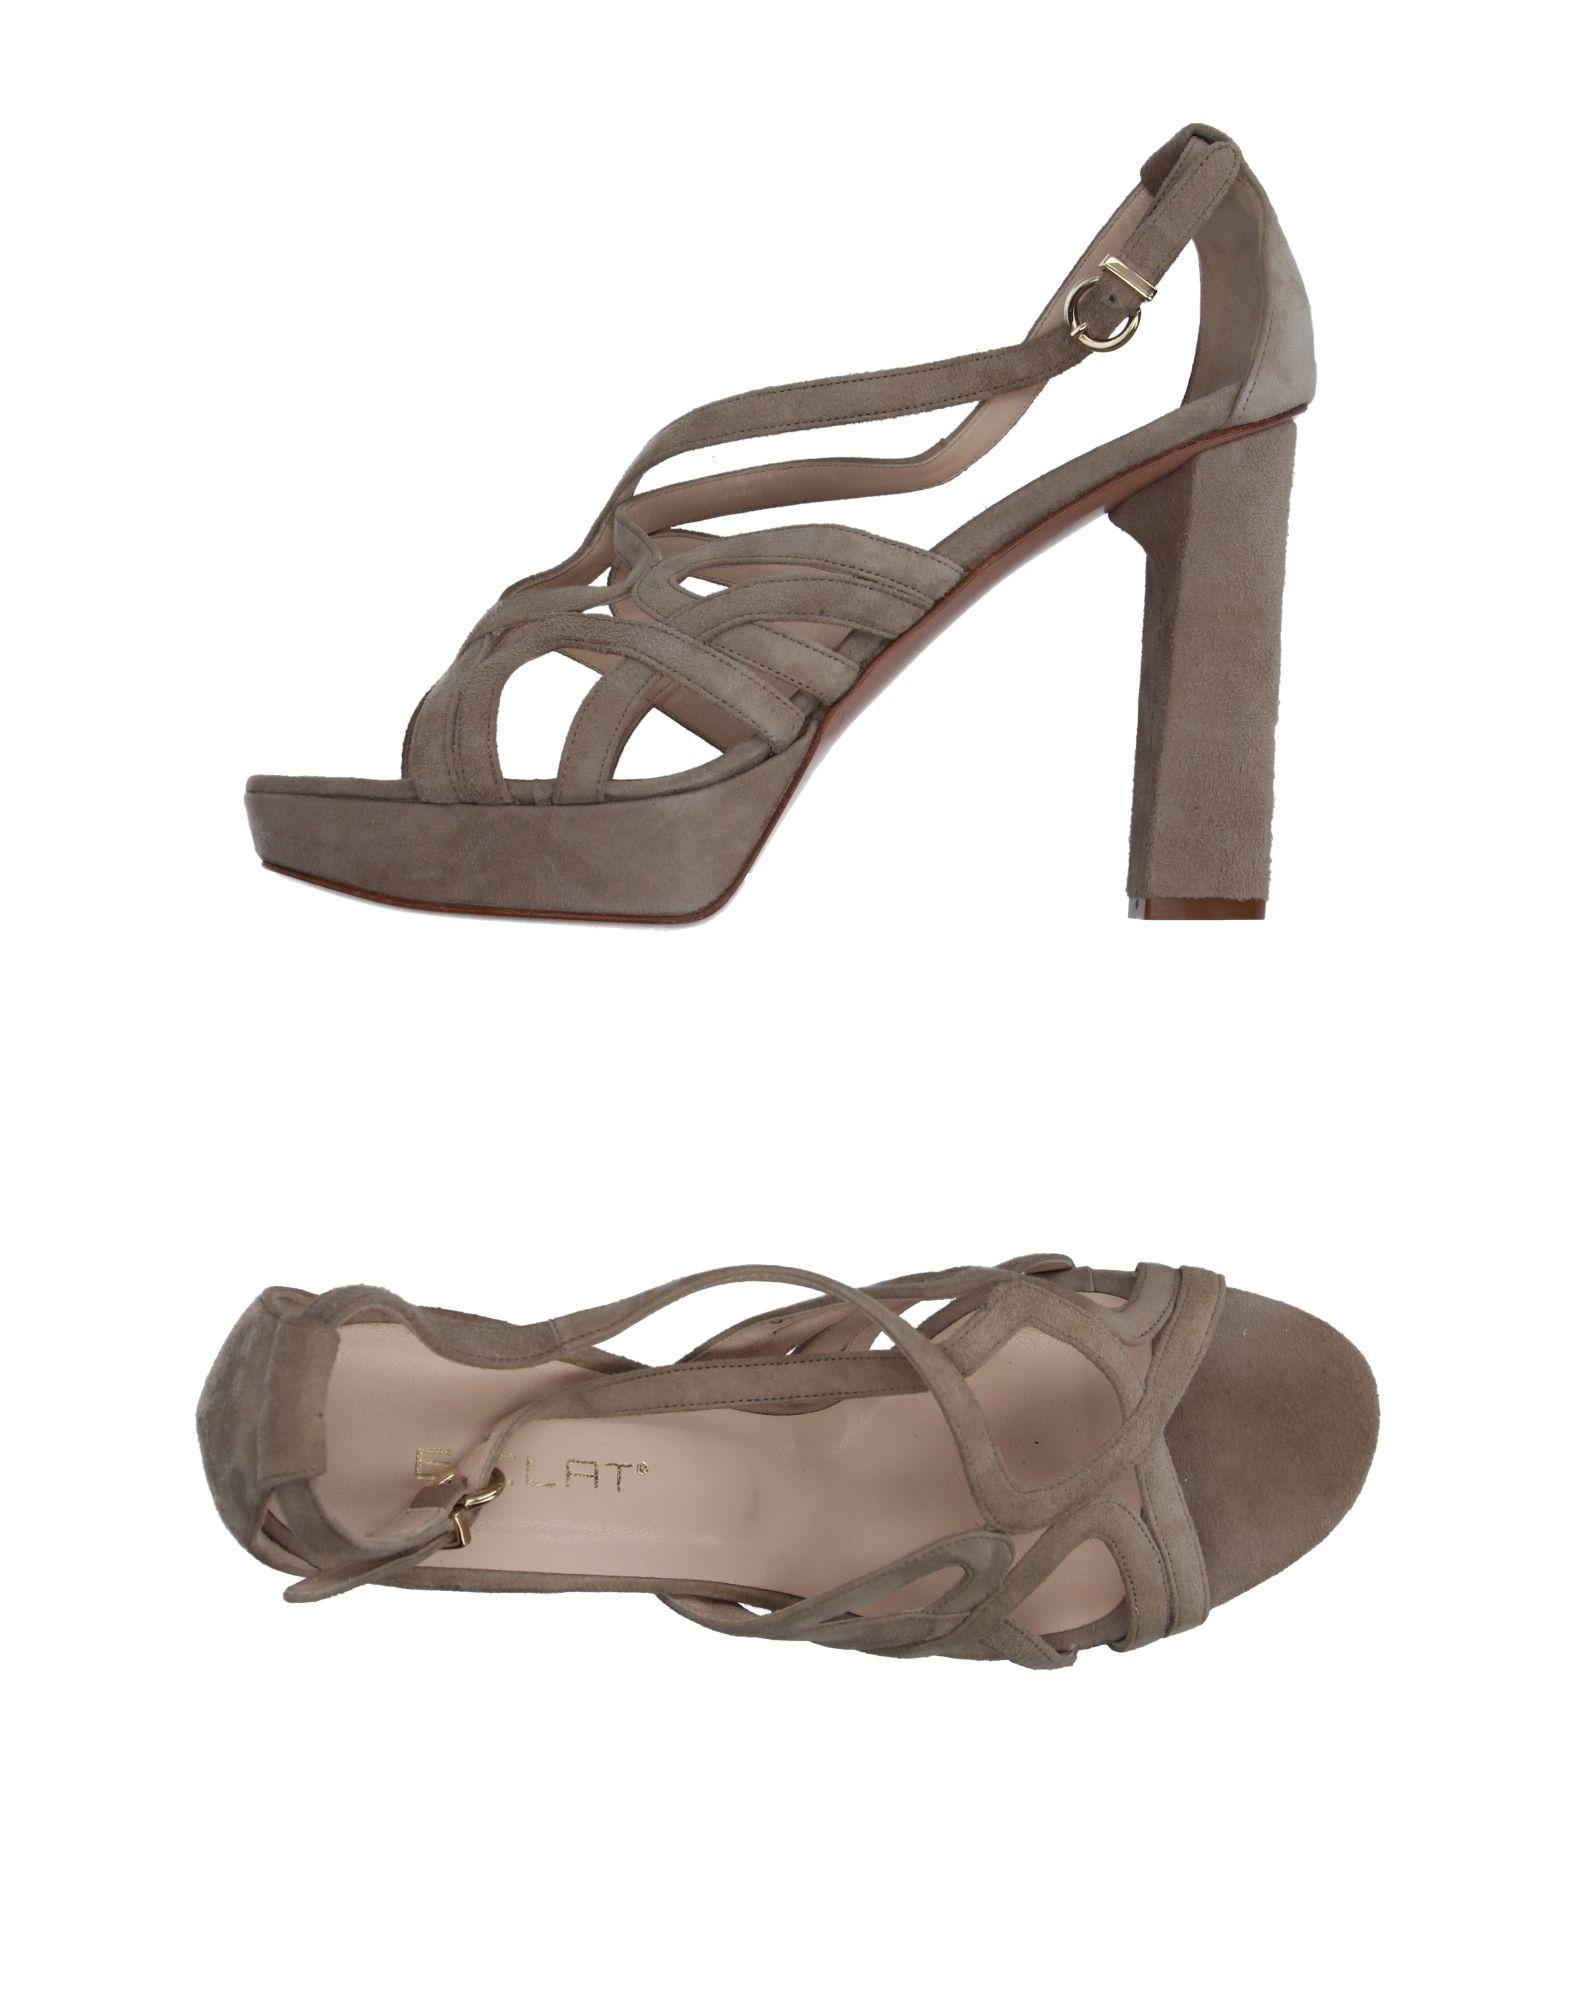 Sandali E'clat Donna - 11183252KK Scarpe economiche e buone